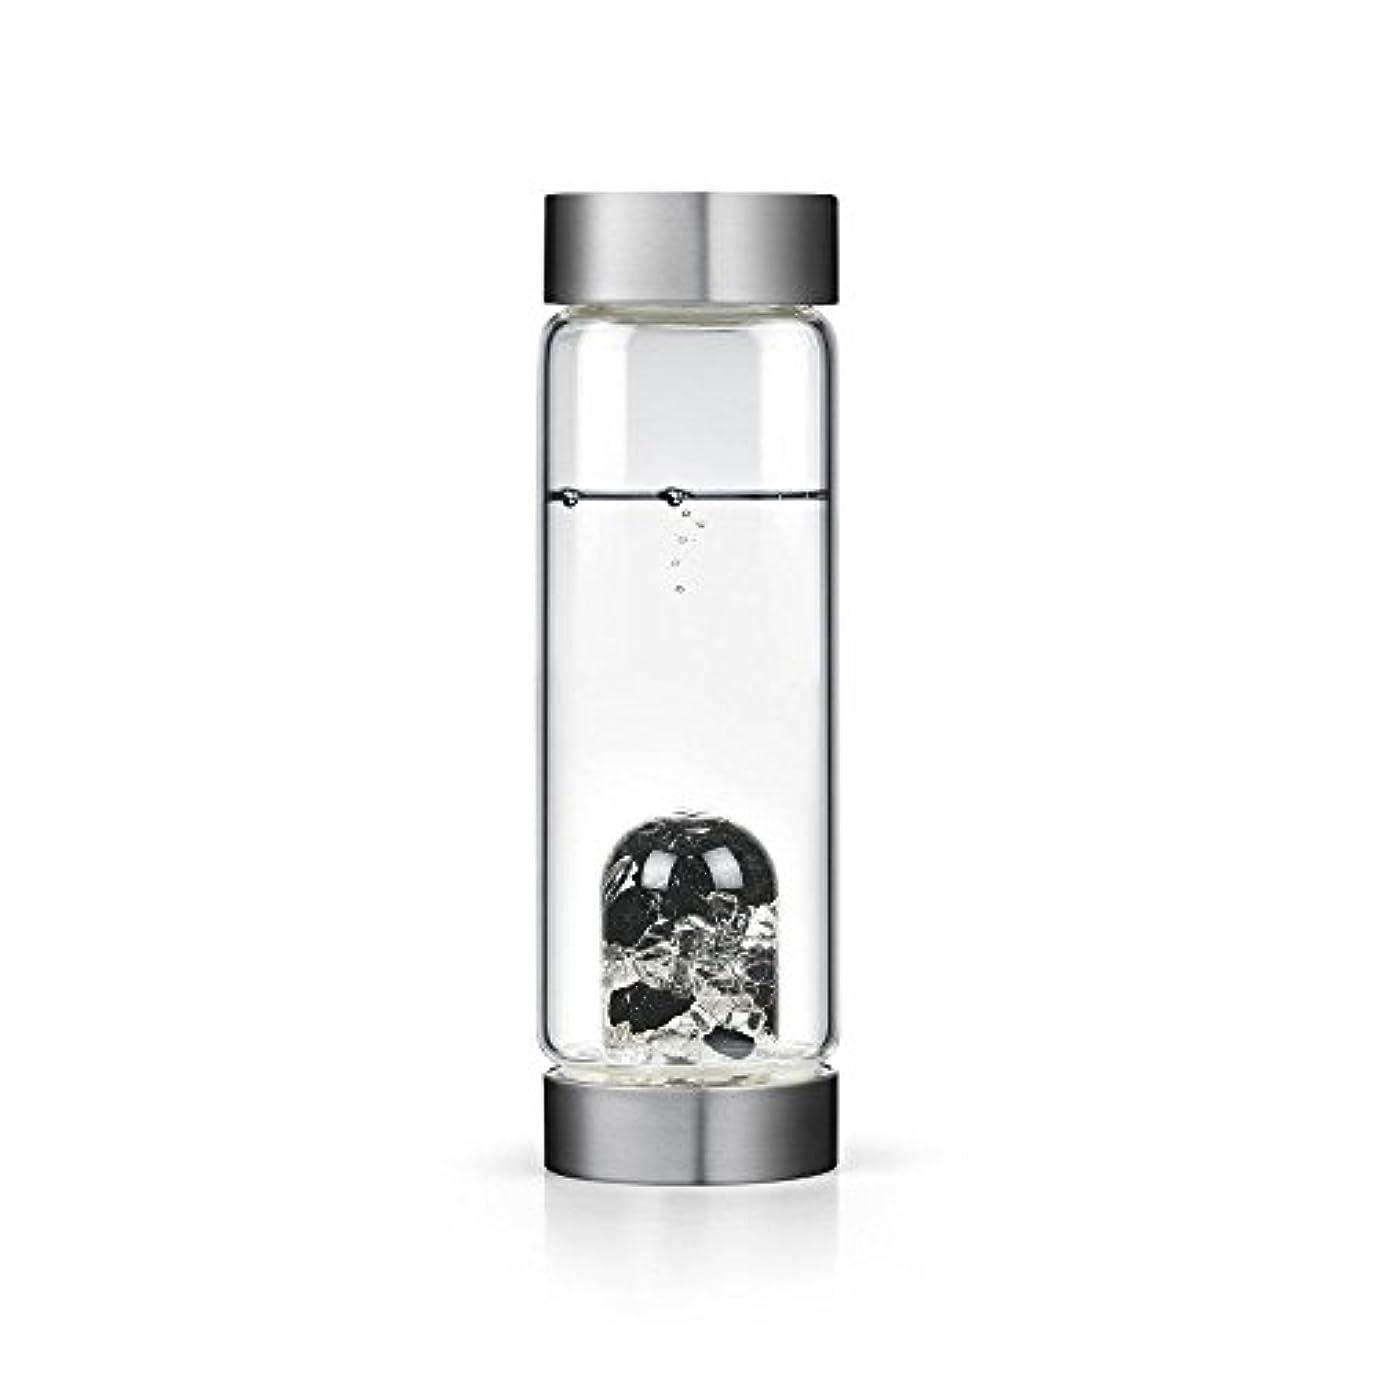 パノラマ除去オールビジョンクリスタルエディションgem-waterボトルby VitaJuwel W / Freeカリフォルニアホワイトセージバンドル 16.9 fl oz